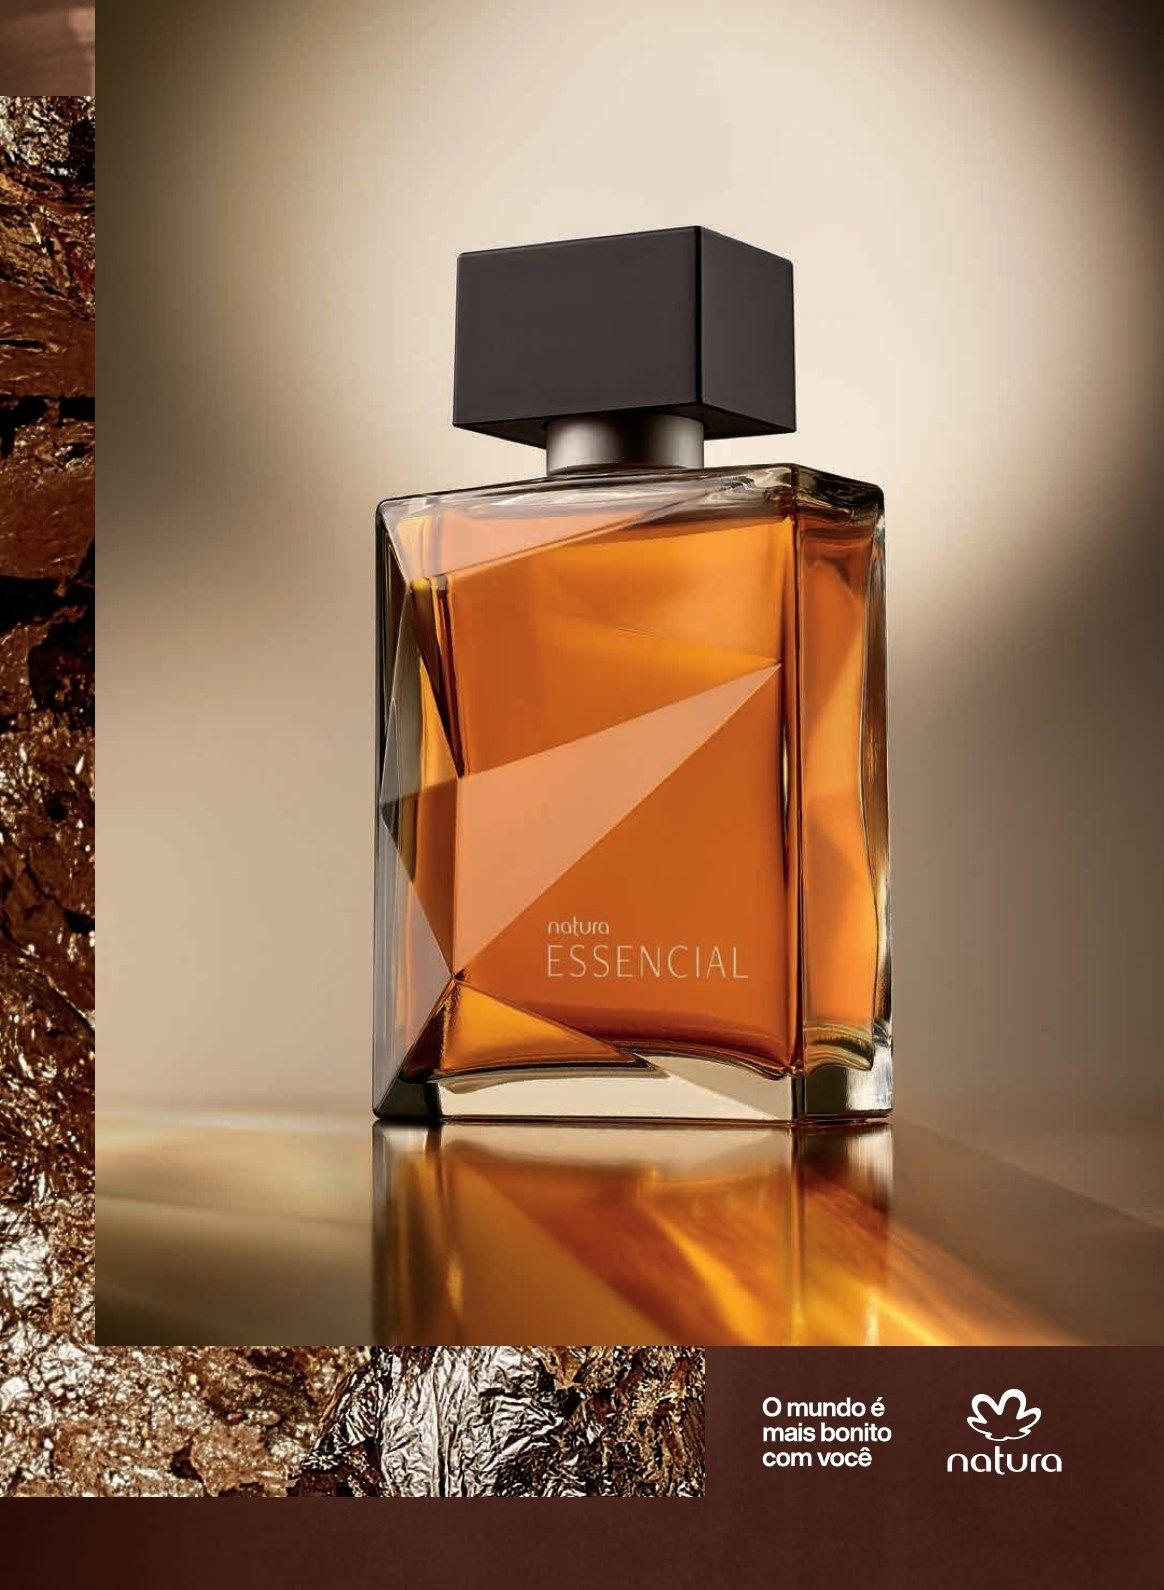 11 Brasil ED in 2020 Perfume bottles, Perfume, Beauty